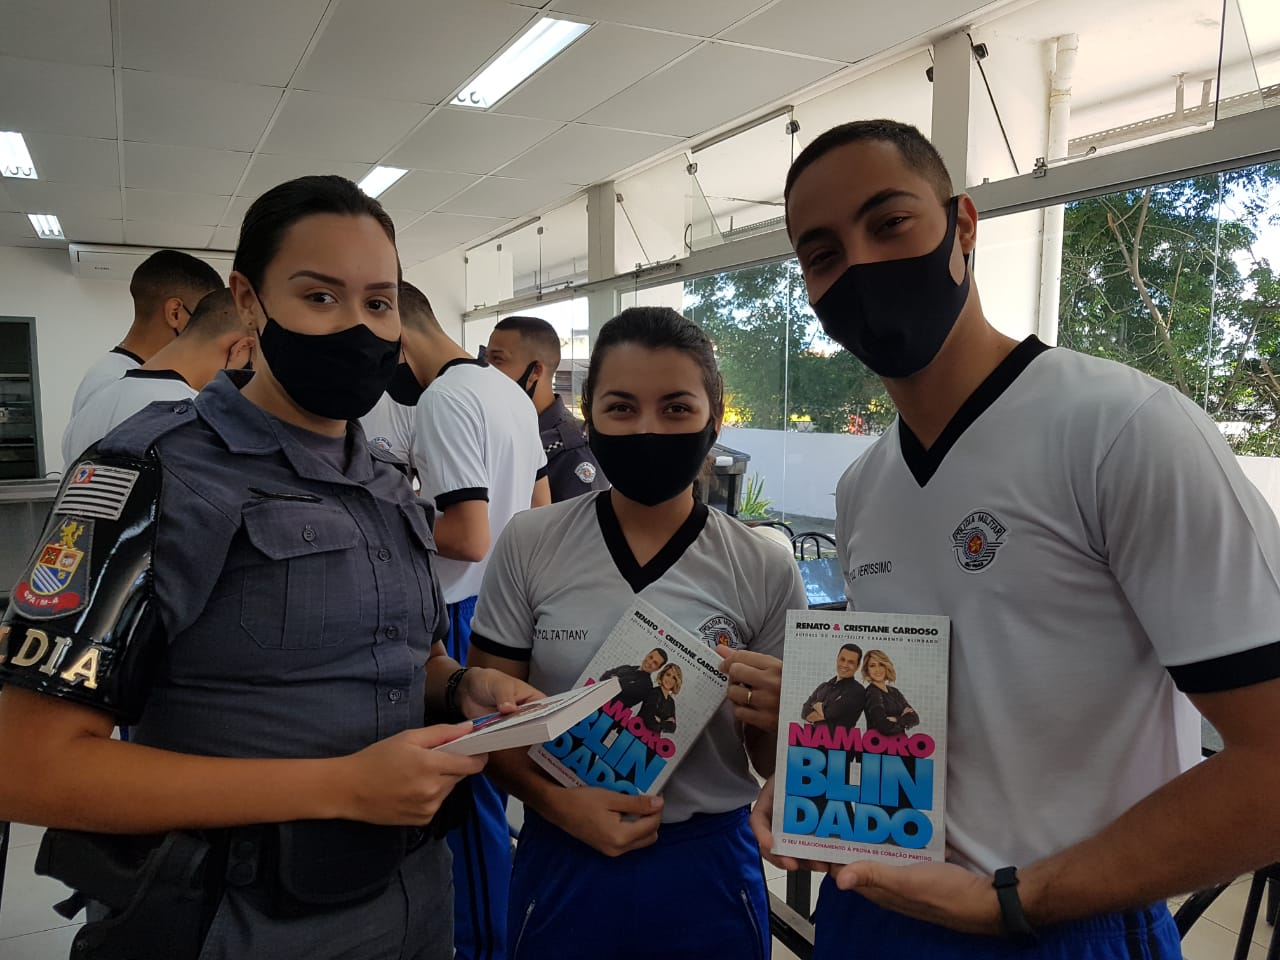 Palestra Namoro Blindado aos alunos soldados da Polícia Militar de São Paulo